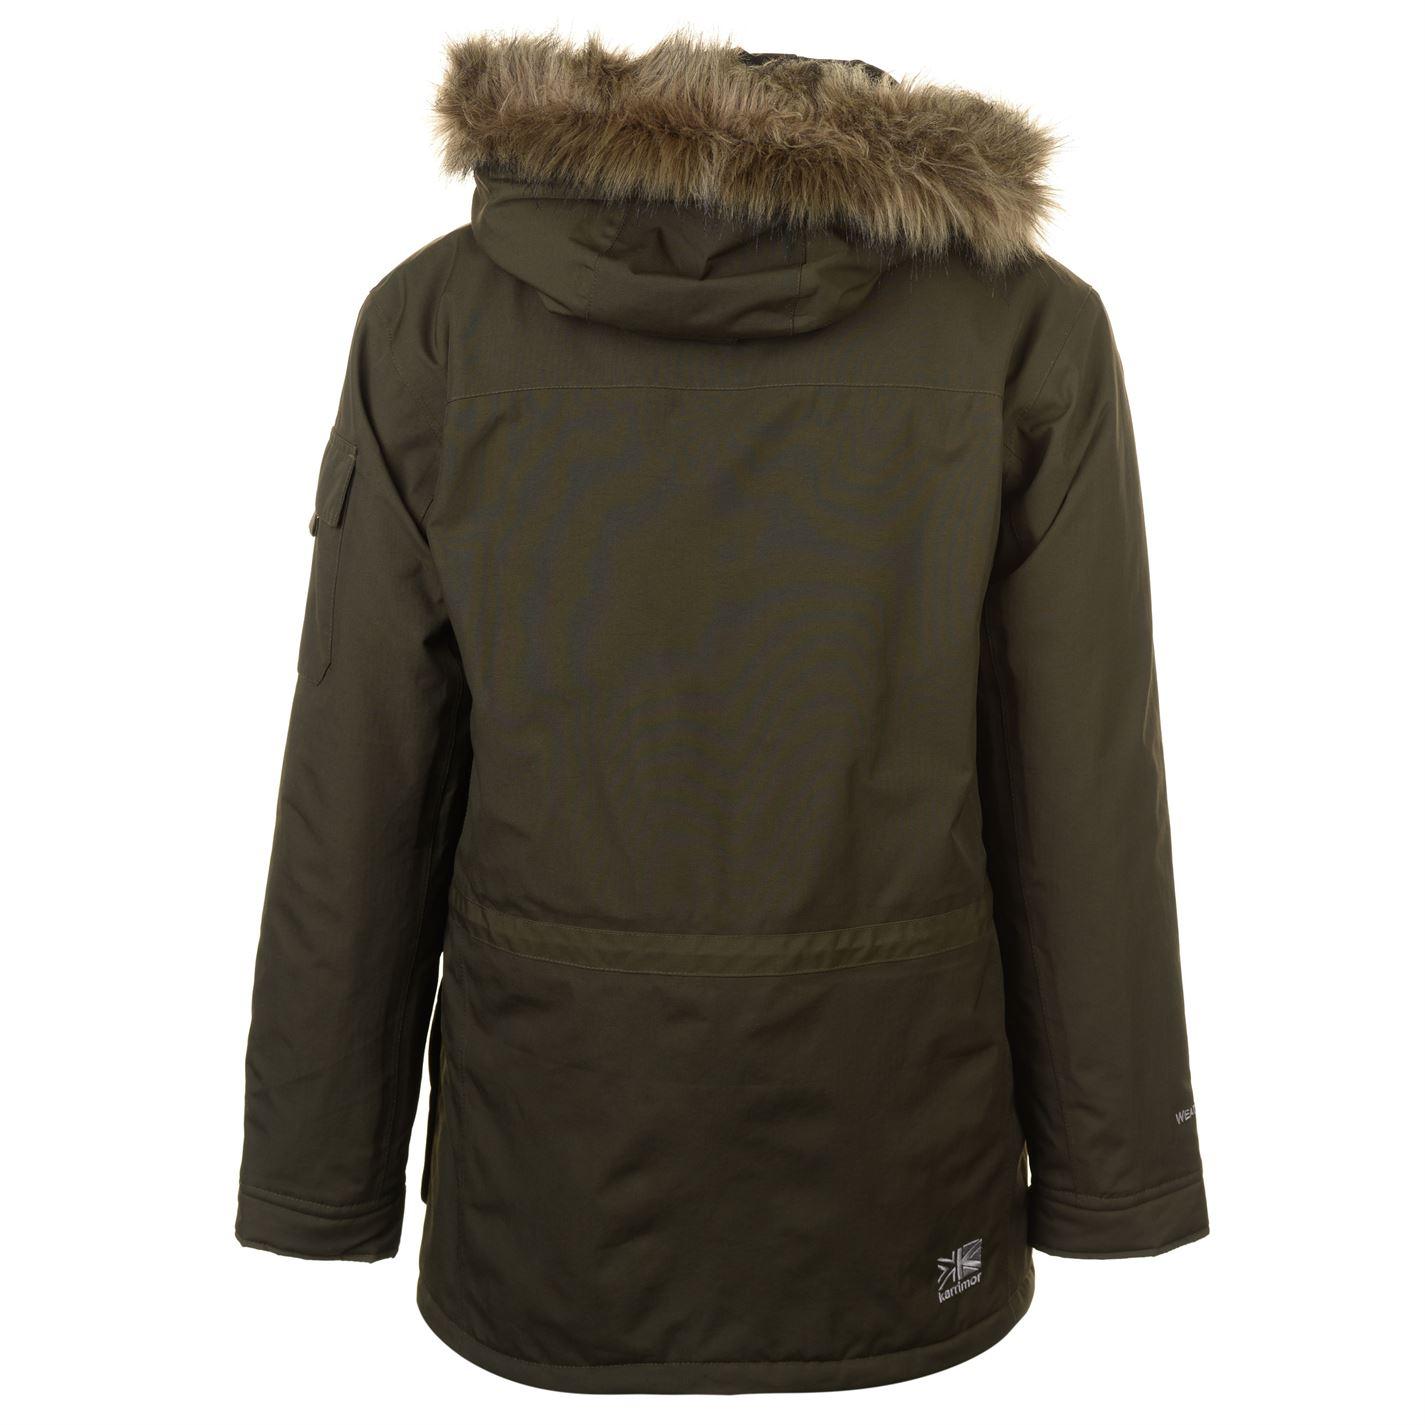 Karrimor-Herren-Parka-Jacke-Mantel-Oberteil-Chin-Guard-High-Neck-Hooded-Zip-voll-warm Indexbild 9